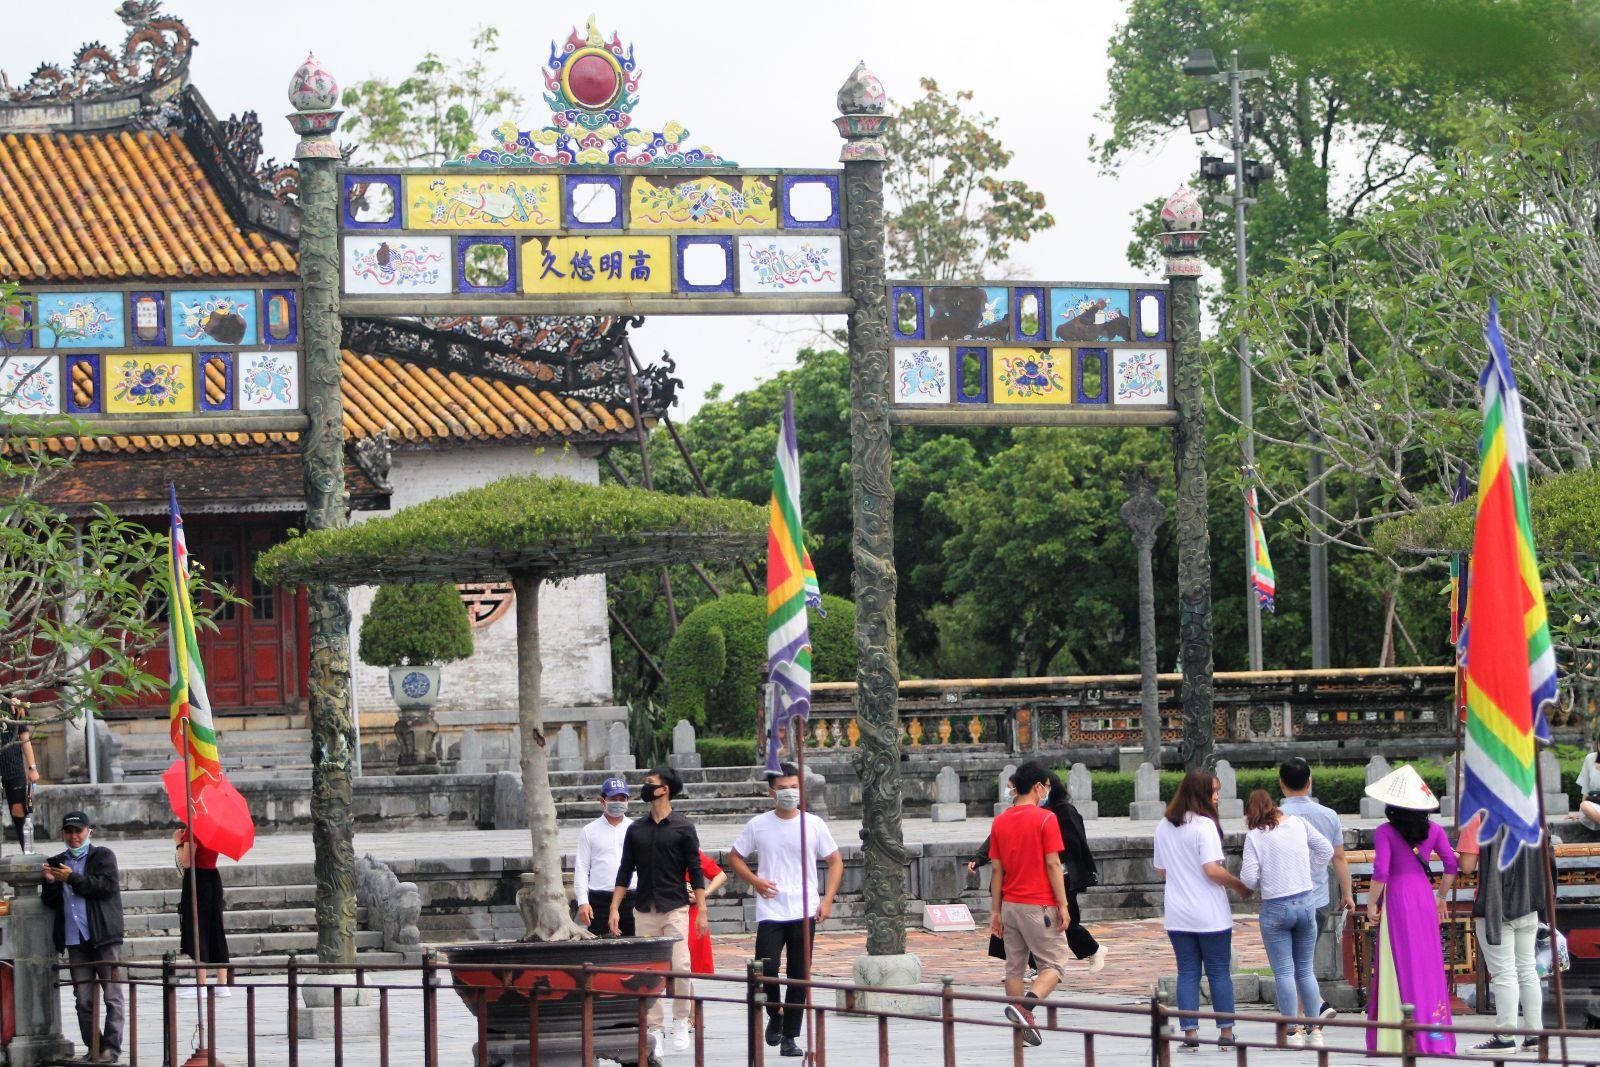 Với việc giảm 50% mức phí và khống chế được dịch bệnh Covid-19, từ đây đến hết năm 2021 tỉnh Thừa Thiên – Huế kỳ vọng sẽ thu hút khách nội địa đến với quần thể di tích cố đô Huế